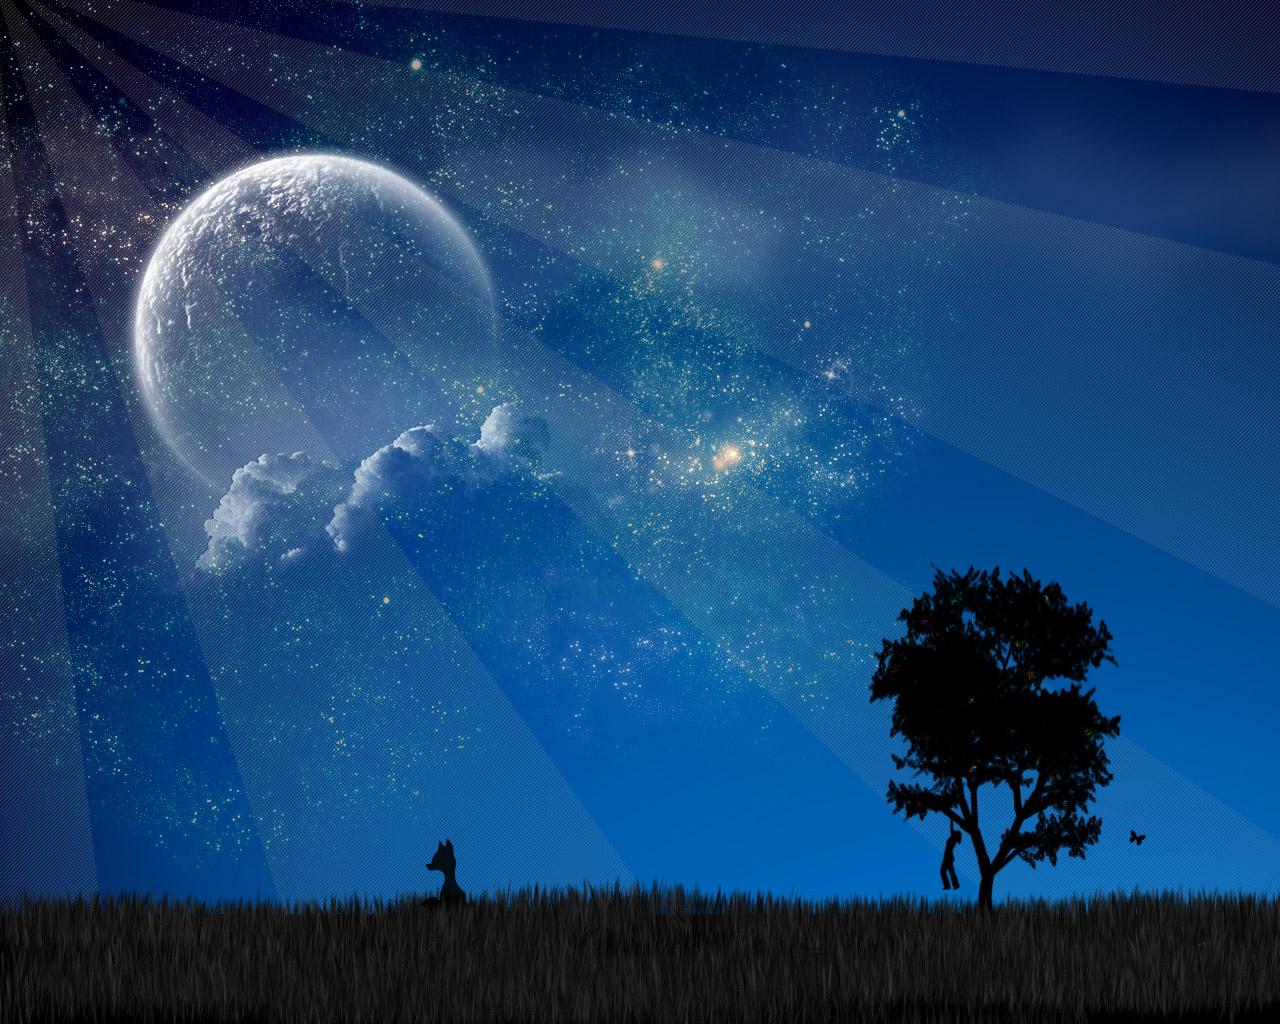 El balcon luna y estrella - El balcon de la luna ...